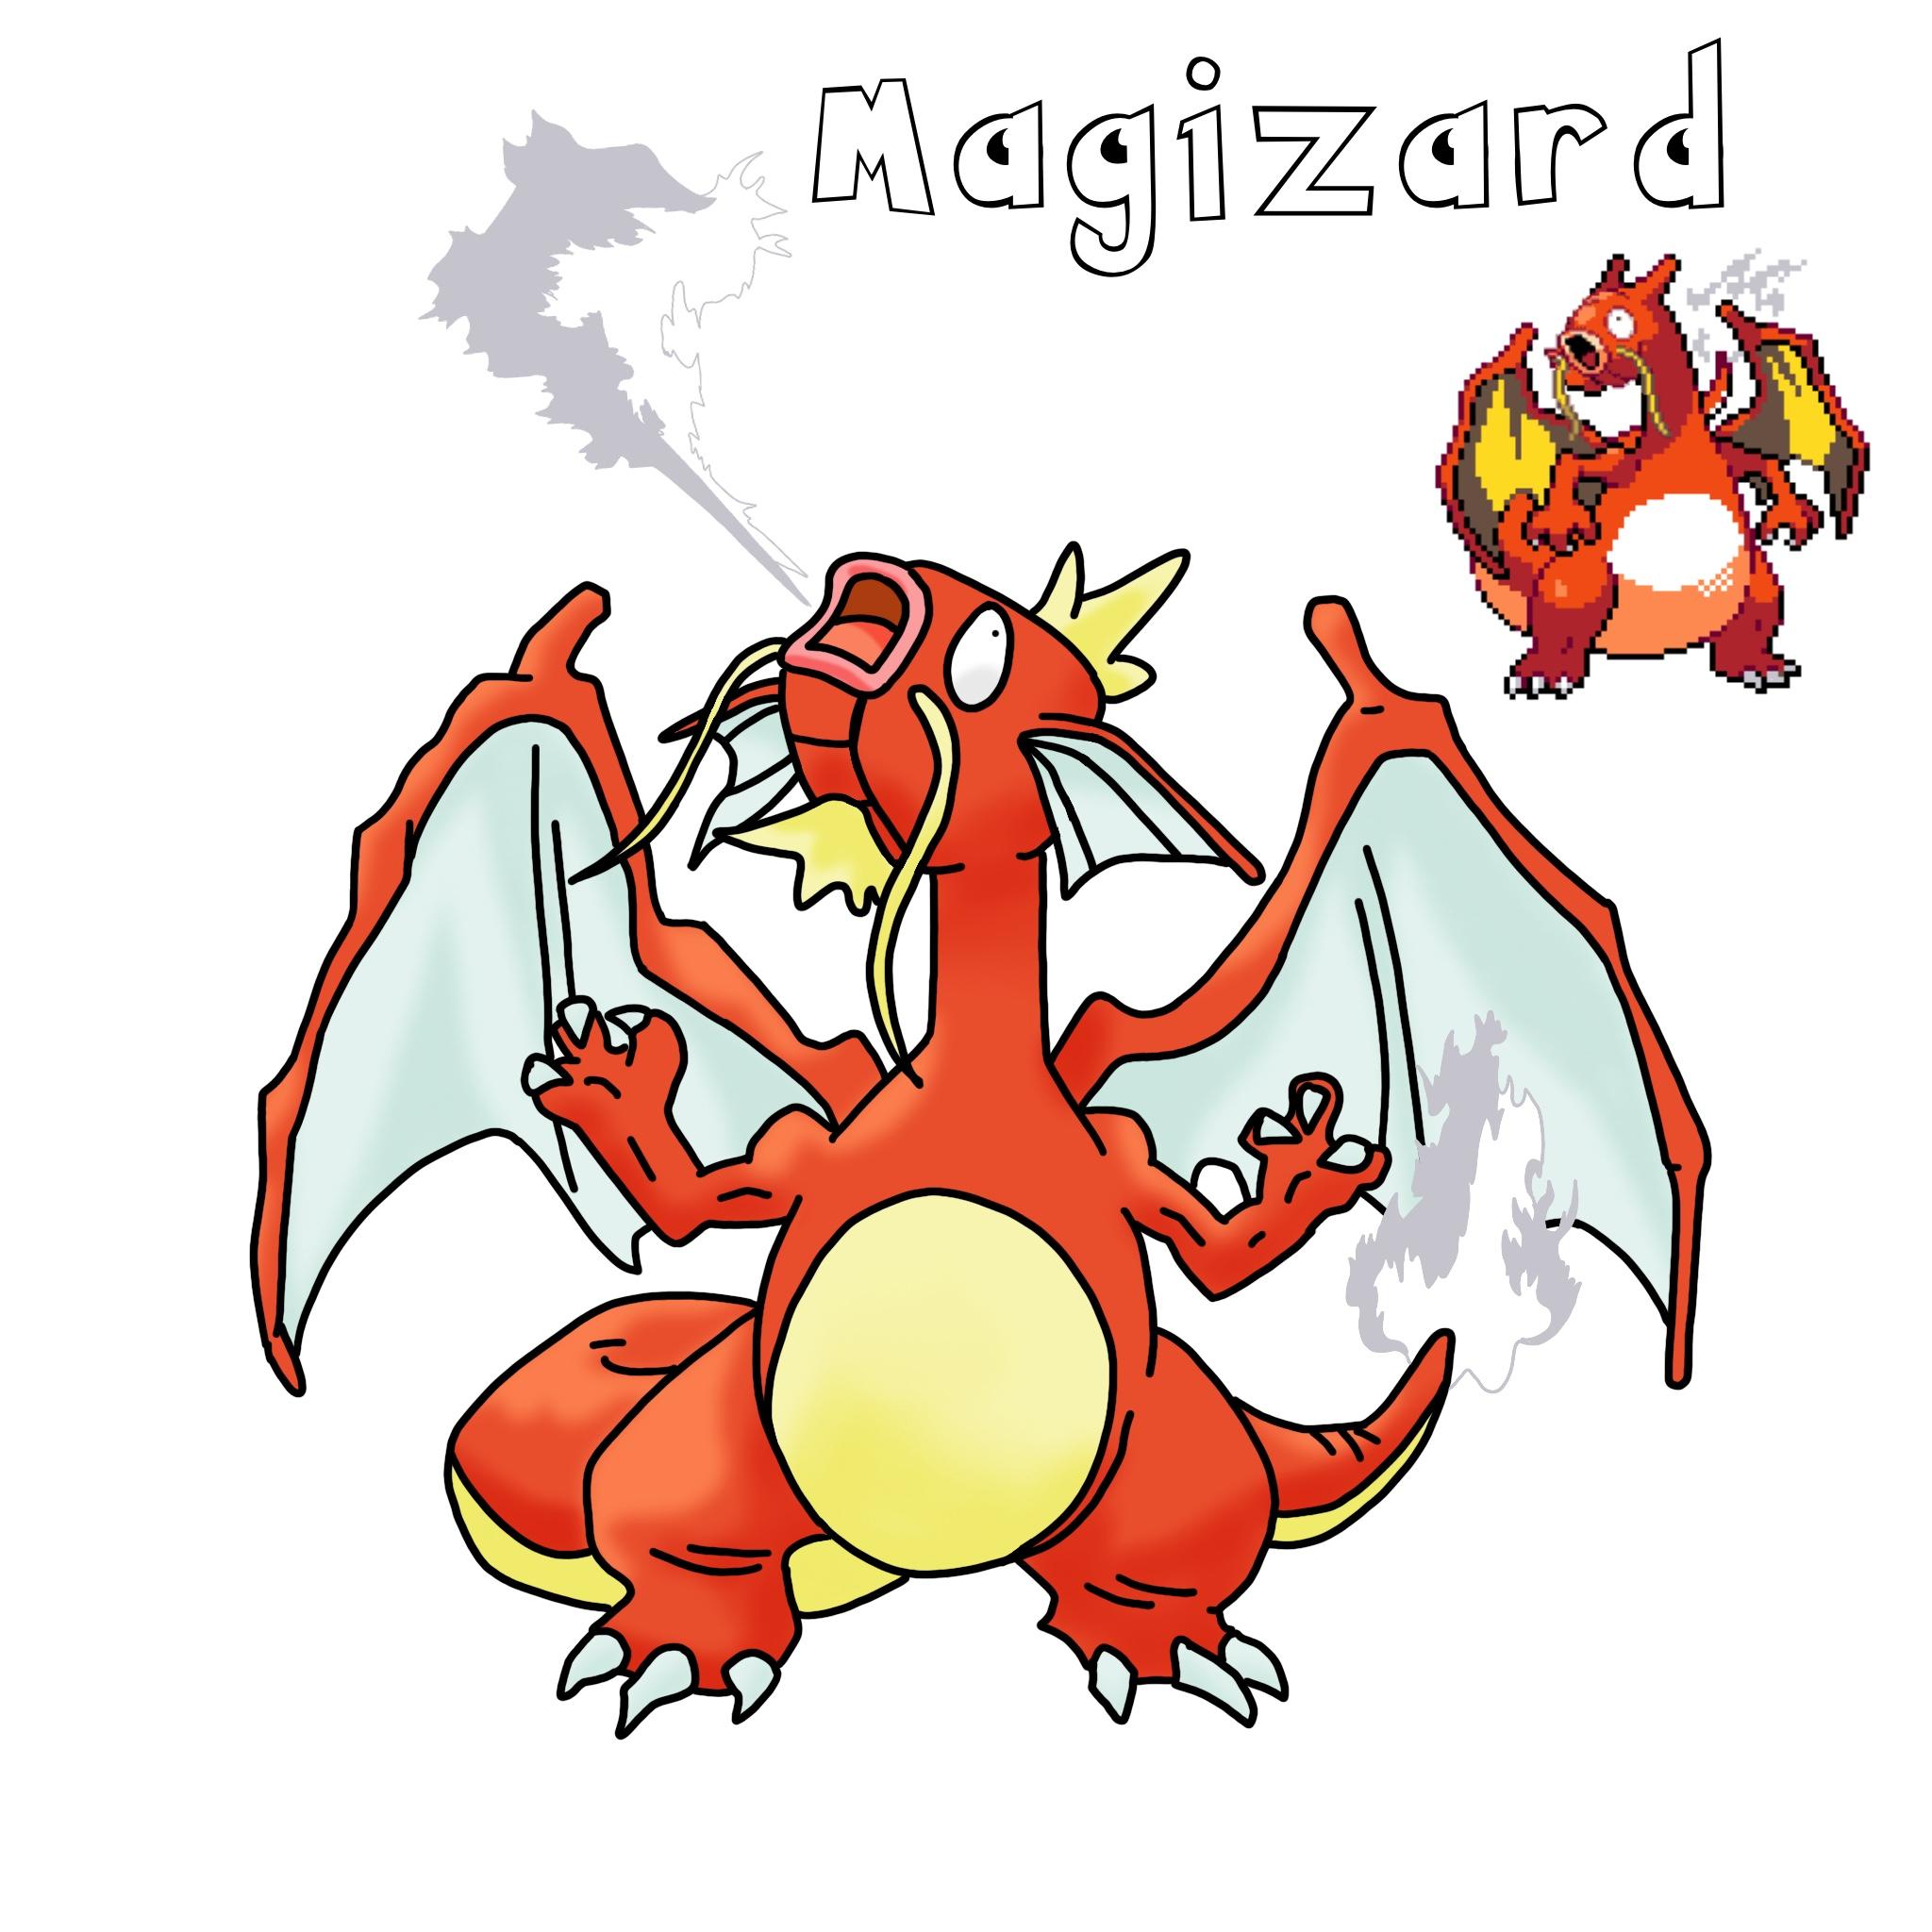 Magizard